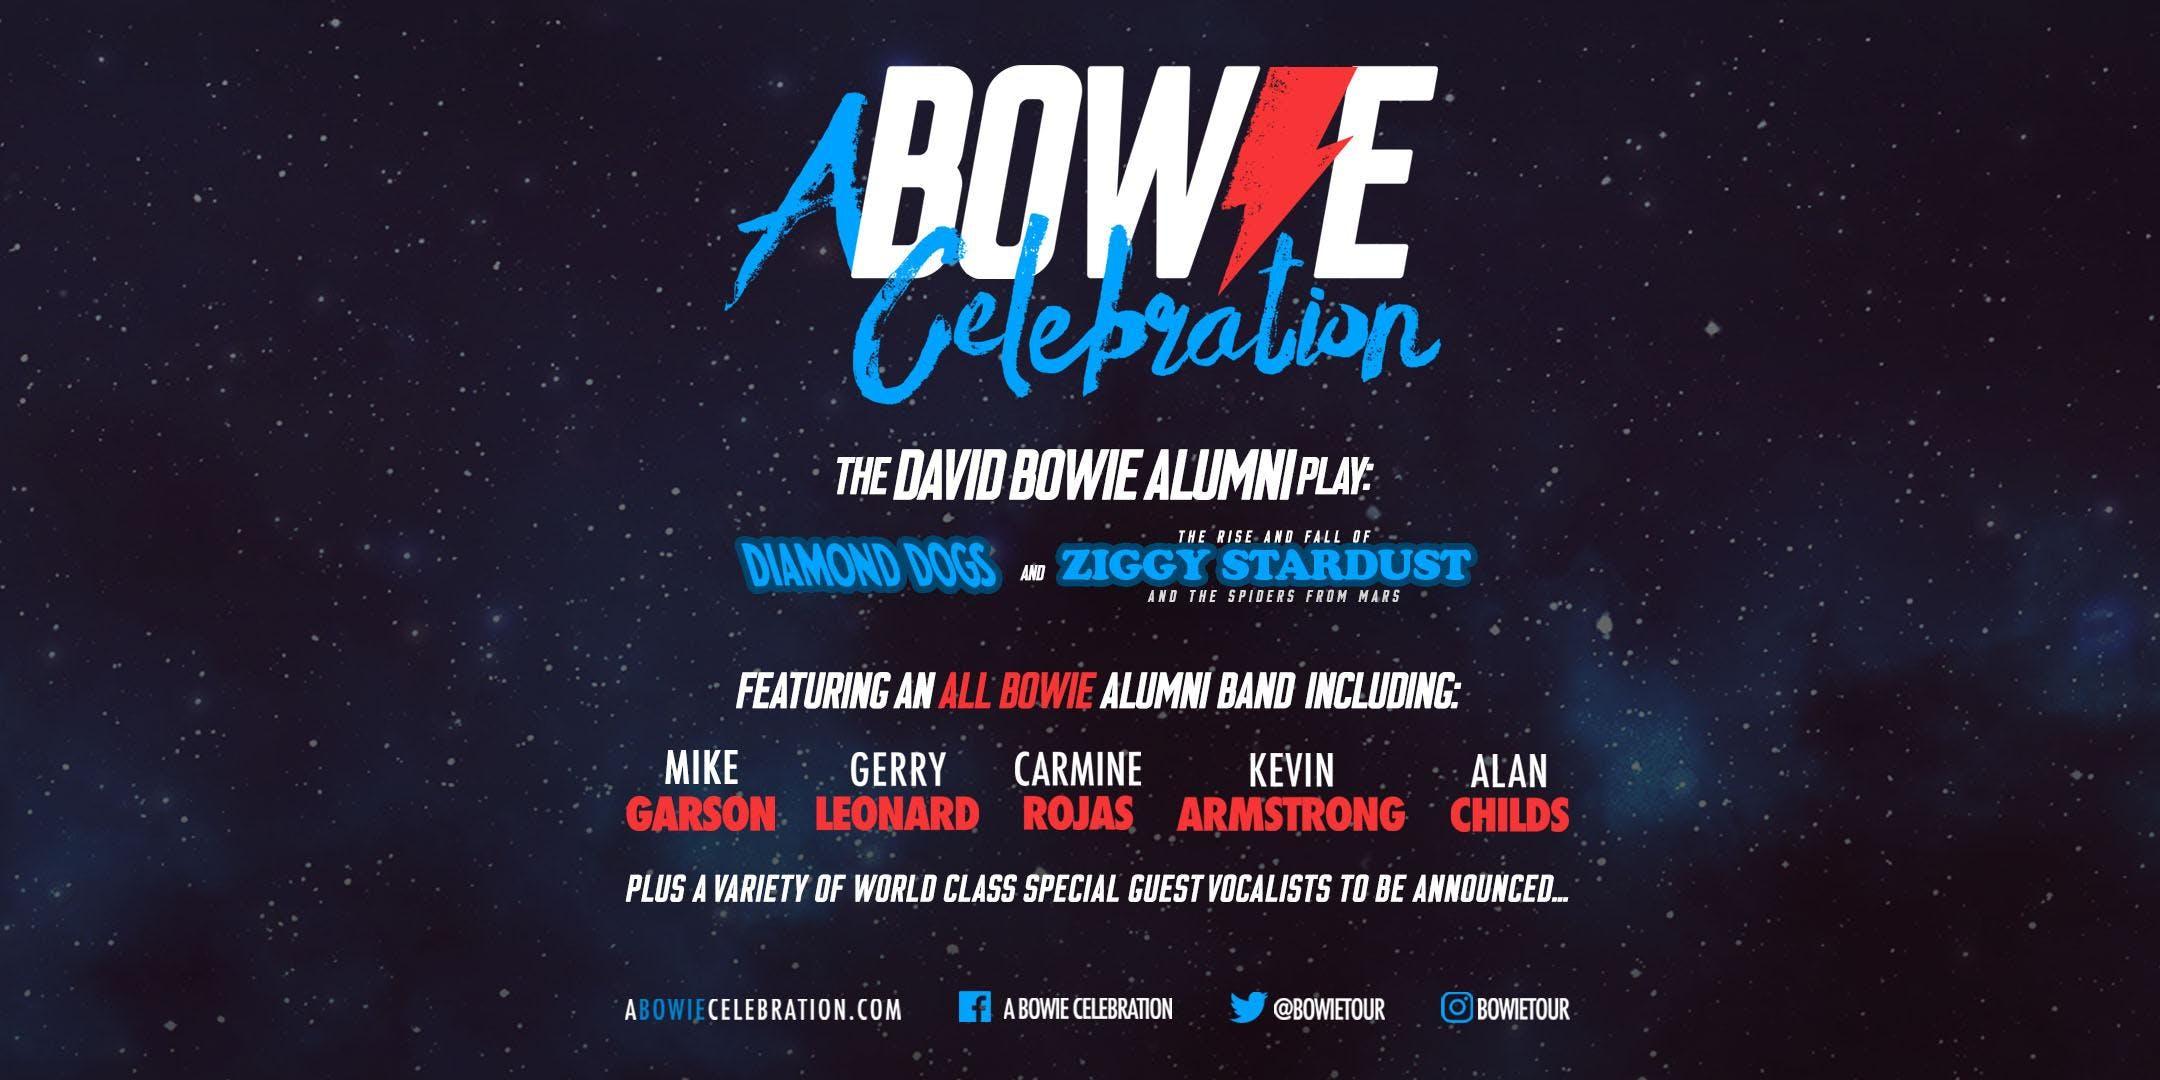 A Bowie Celebration Bowie Alumni Play Diamond Dogs & Ziggy Stardust